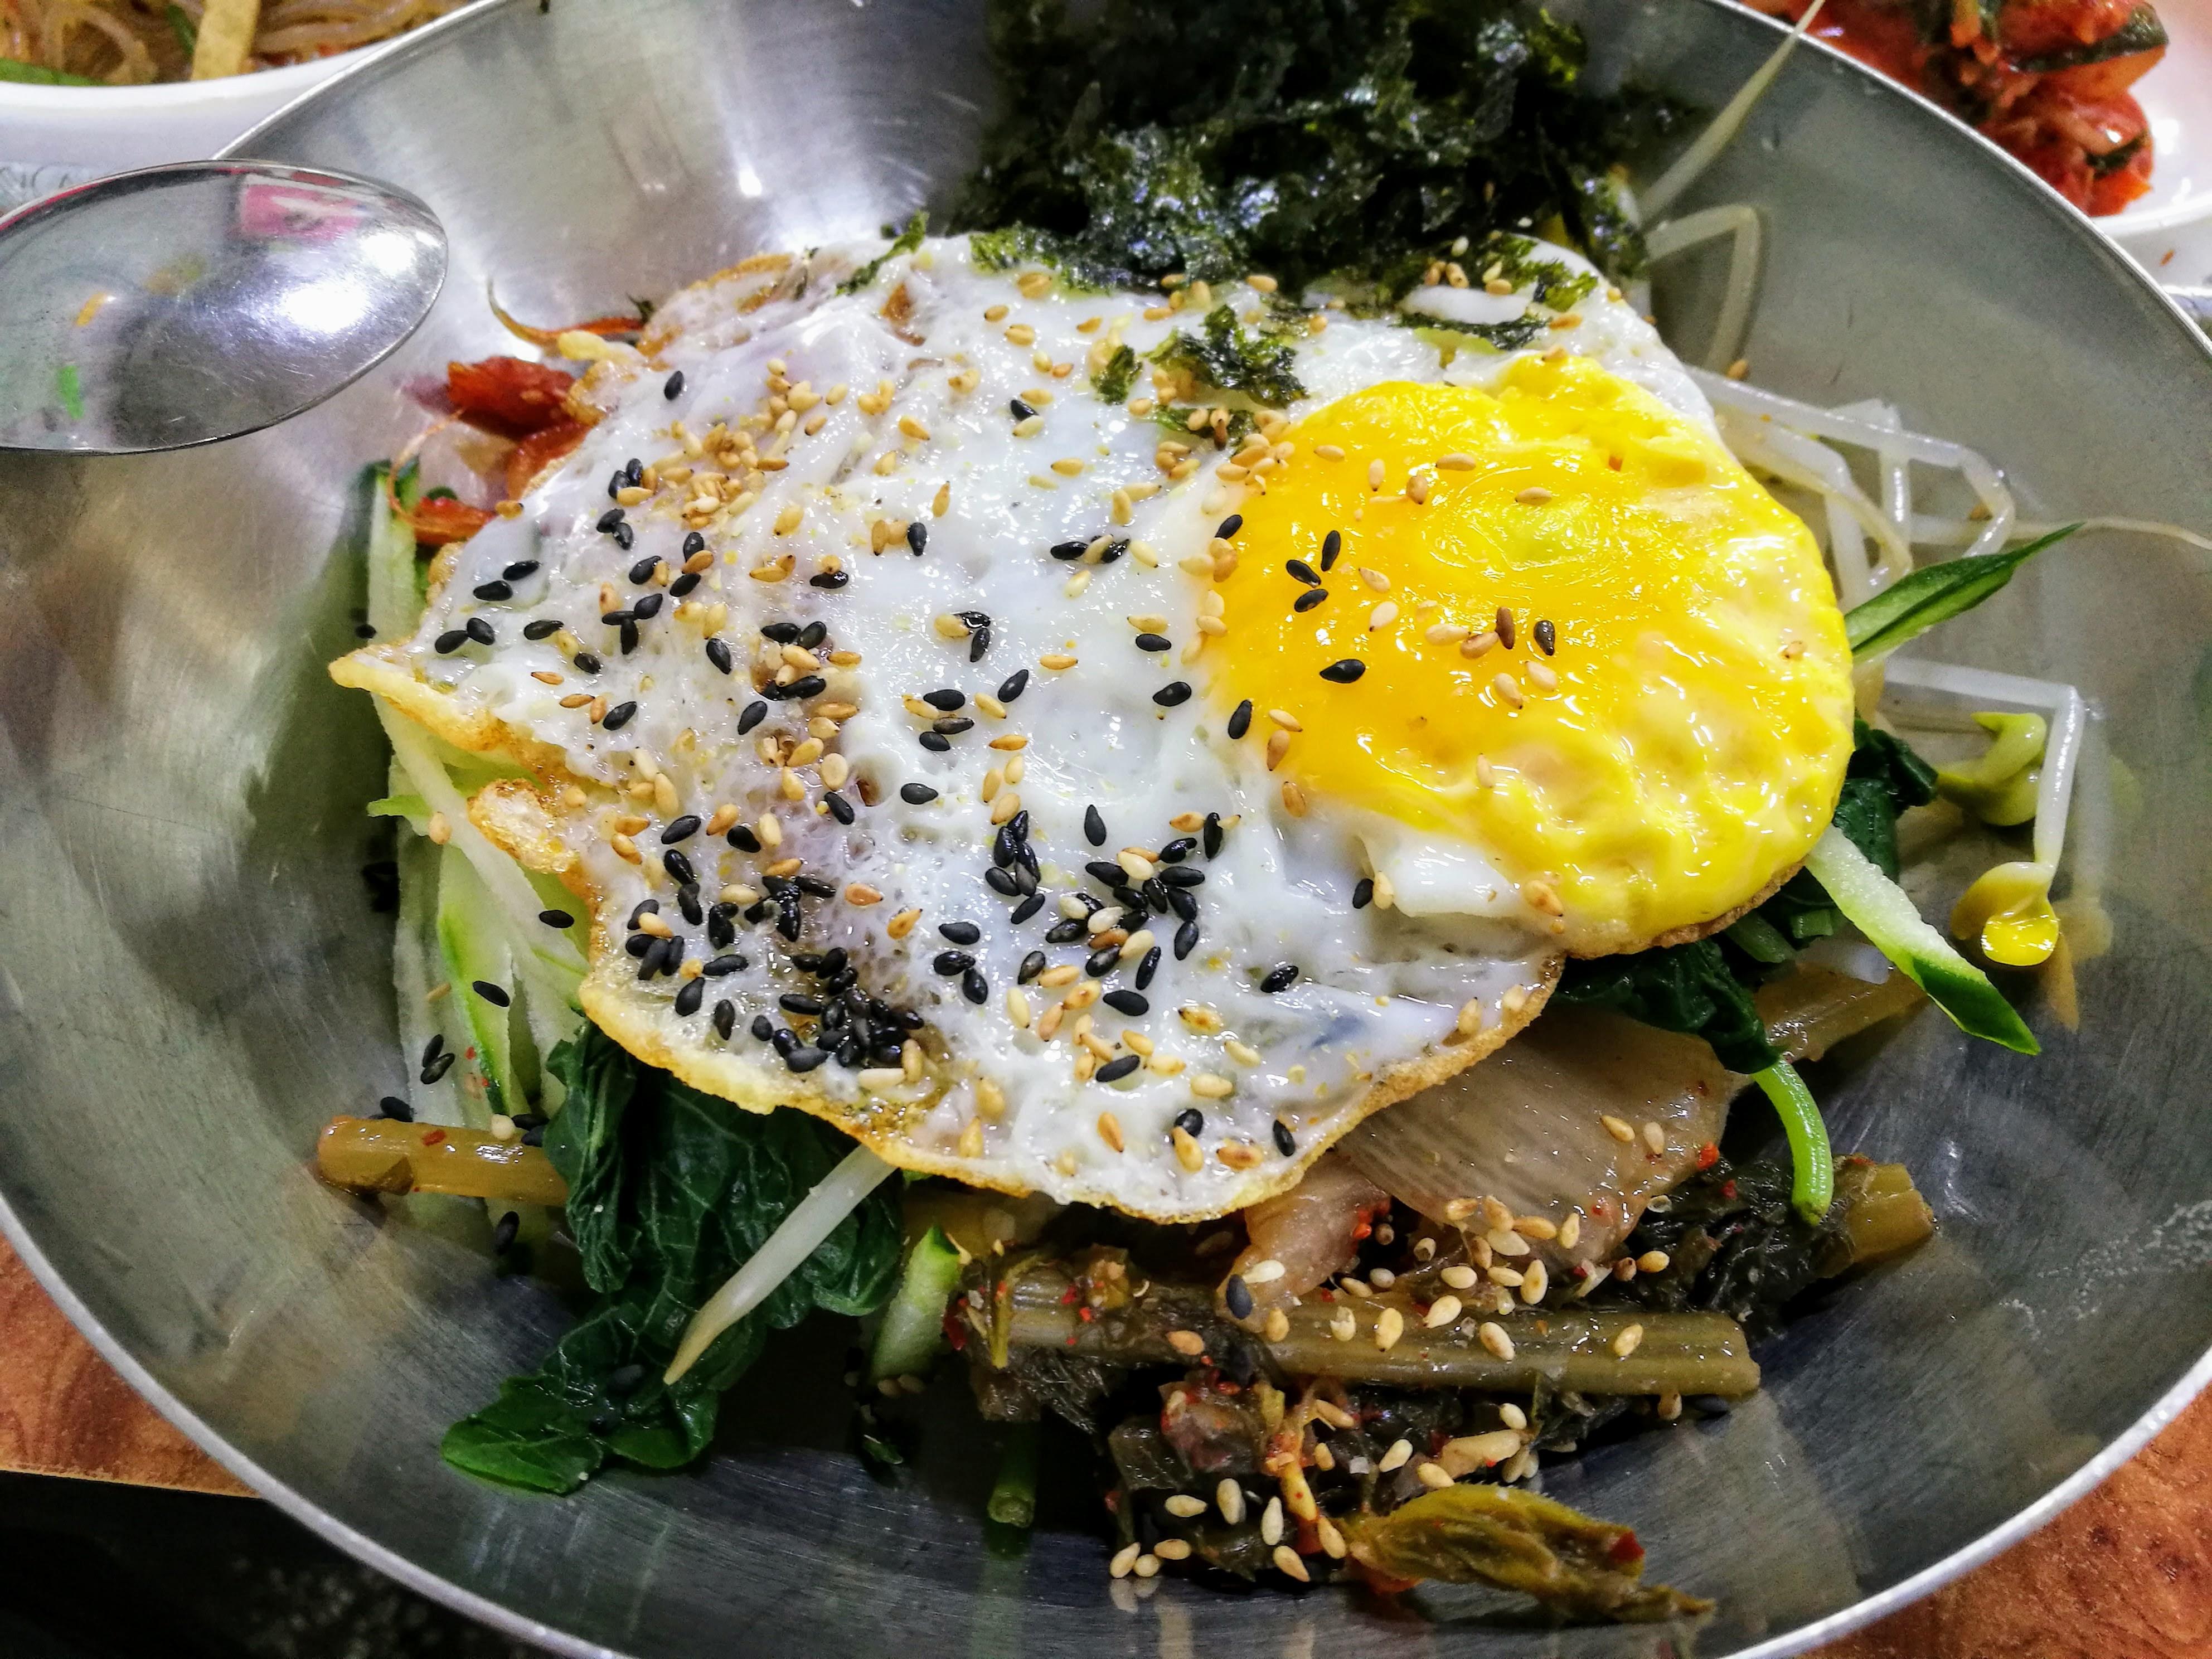 zöldséges bibimbap (rizs, zöldségek, tojás).